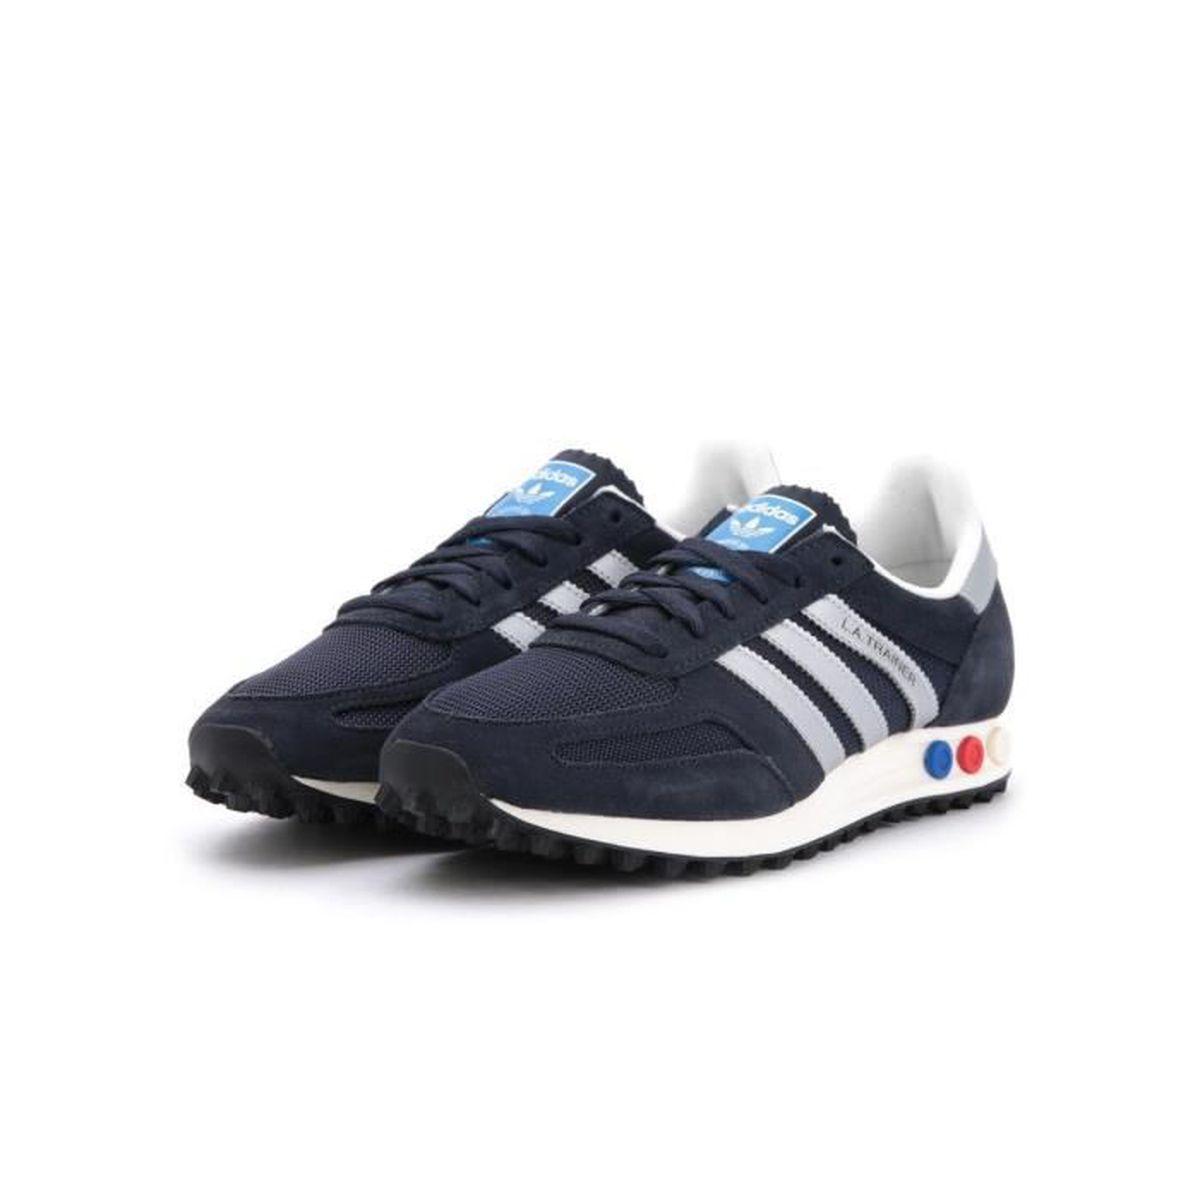 Adidas Originals LA Trainer OG Hommes Sneaker Gris S79943 Gris Gris - Achat / Vente basket  - Soldes* dès le 27 juin ! Cdiscount